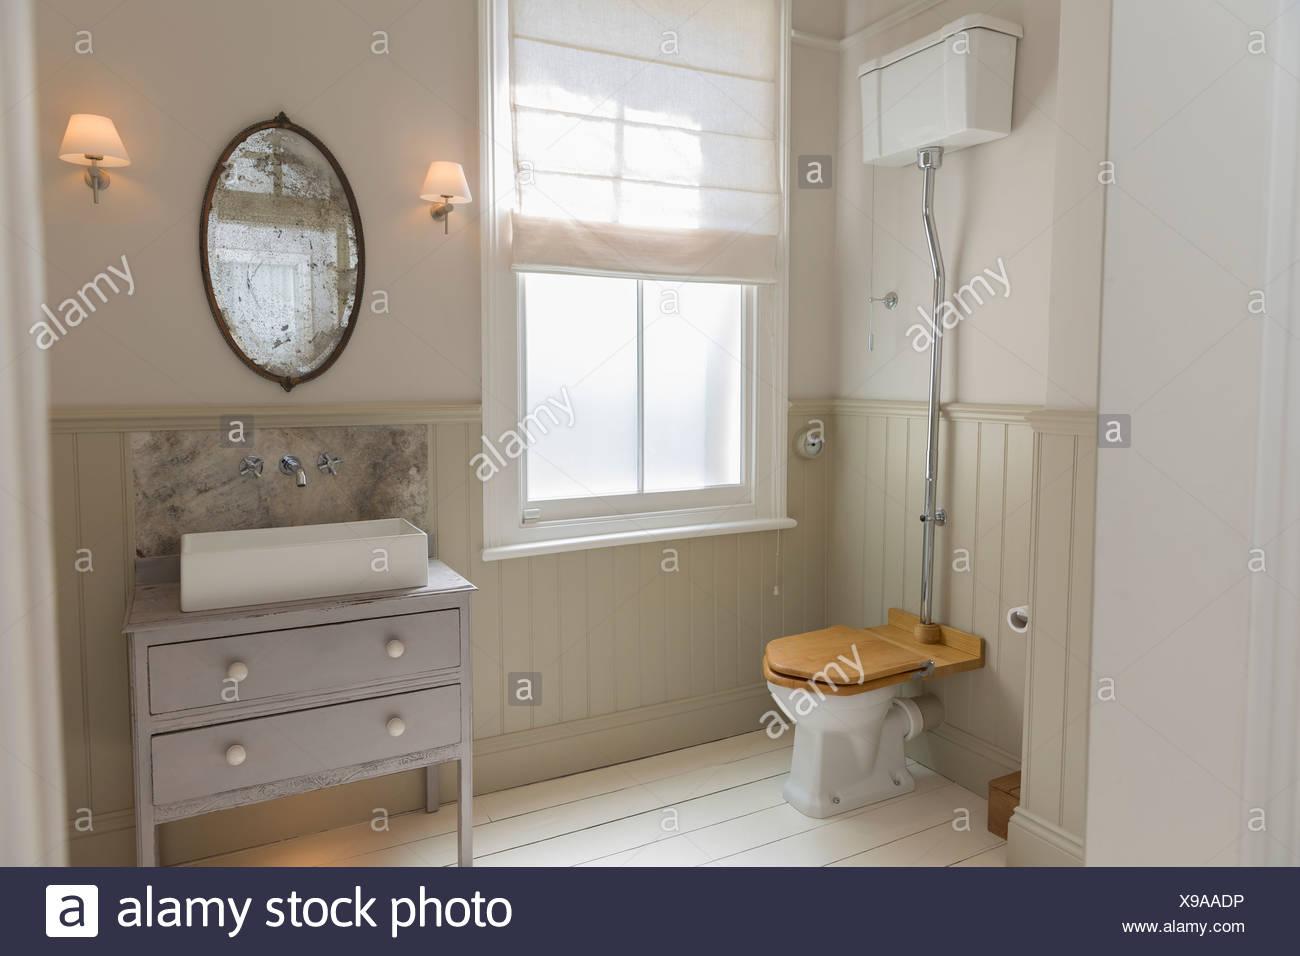 Toilette und Waschbecken in reich verzierten Badezimmer Stockbild